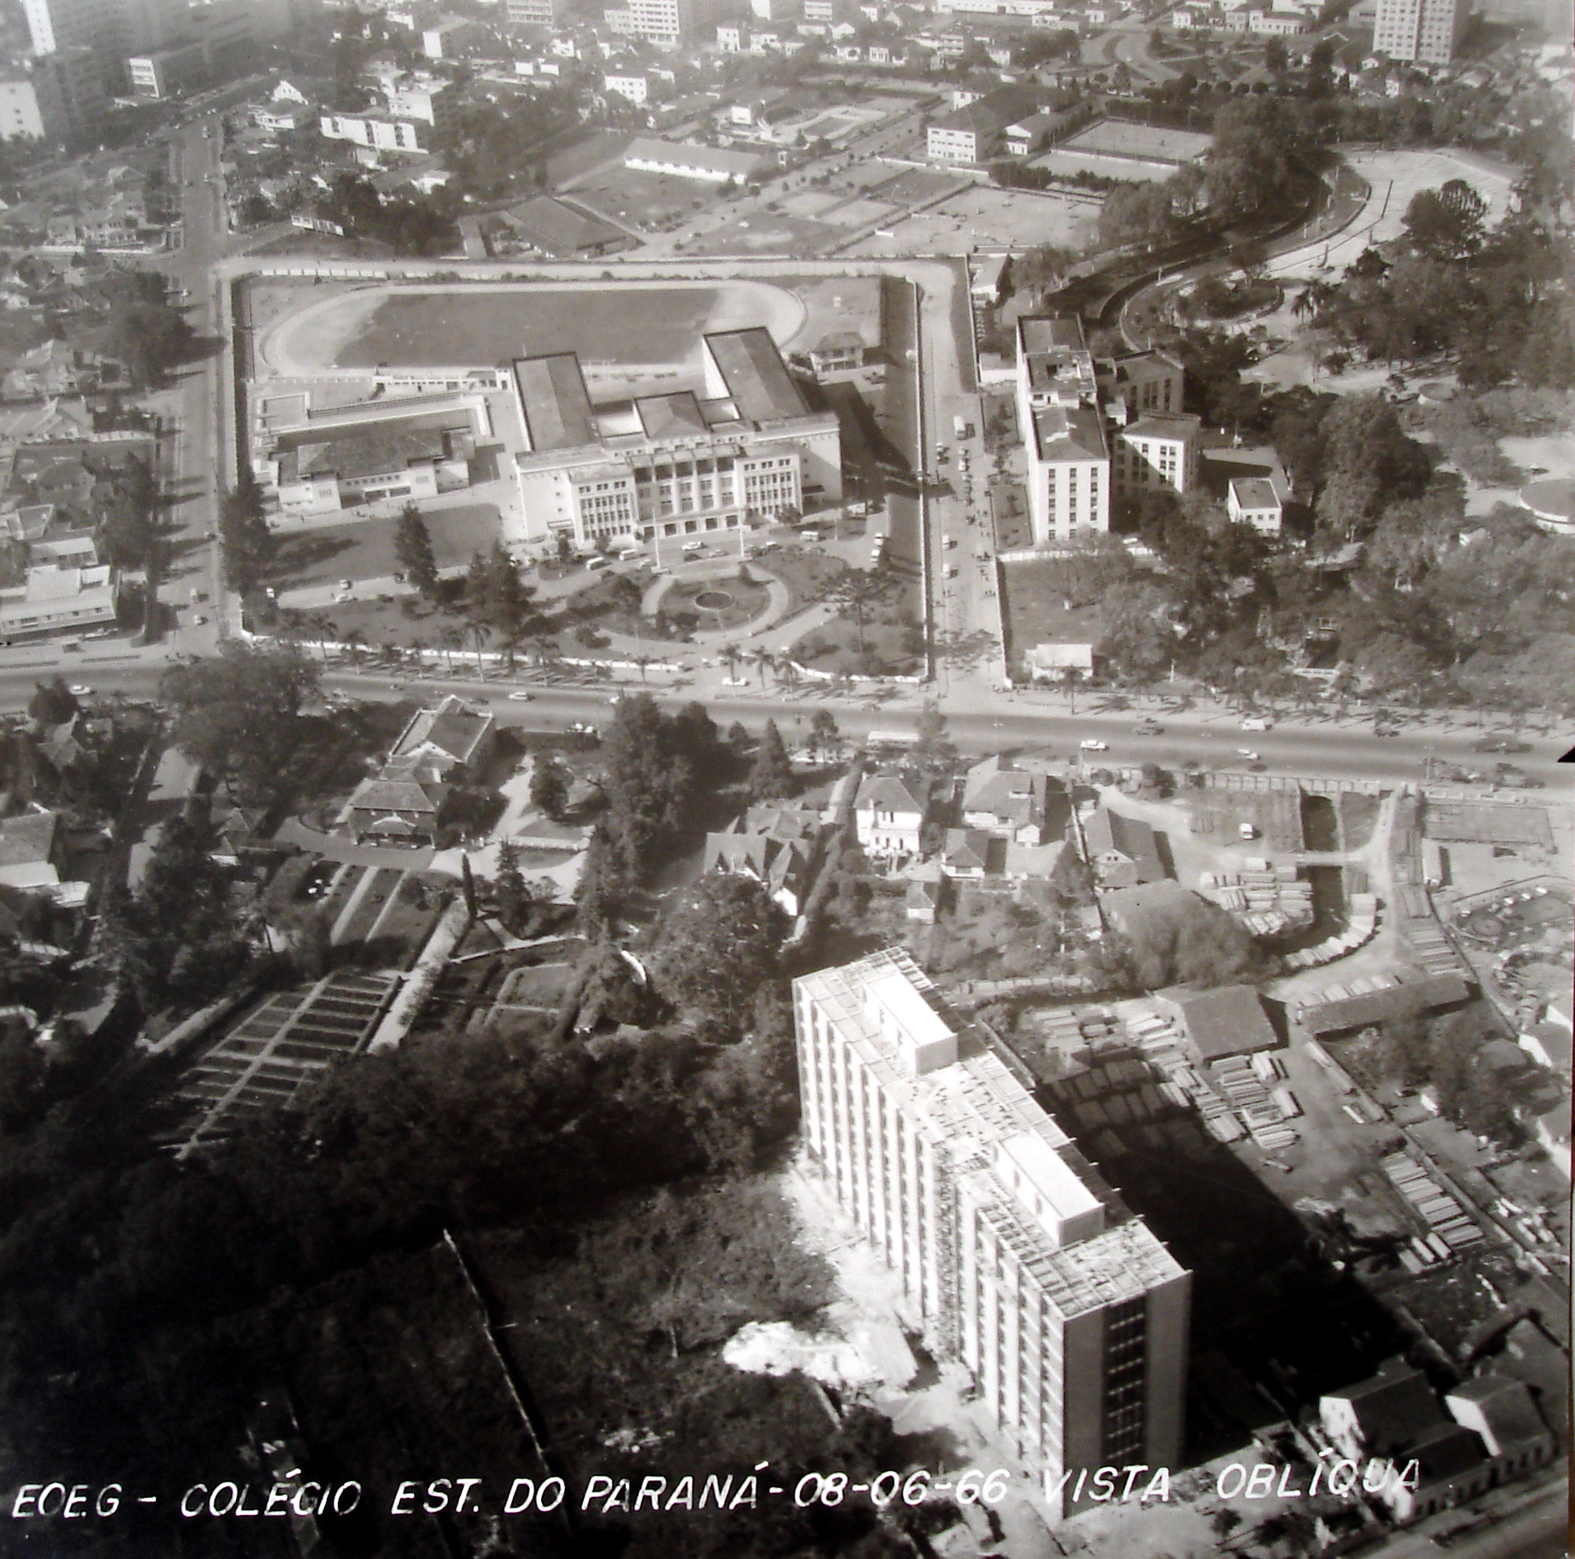 Vista aérea do conjunto arquitetônico do Colégio Estadual do Paraná, na década de 1960.